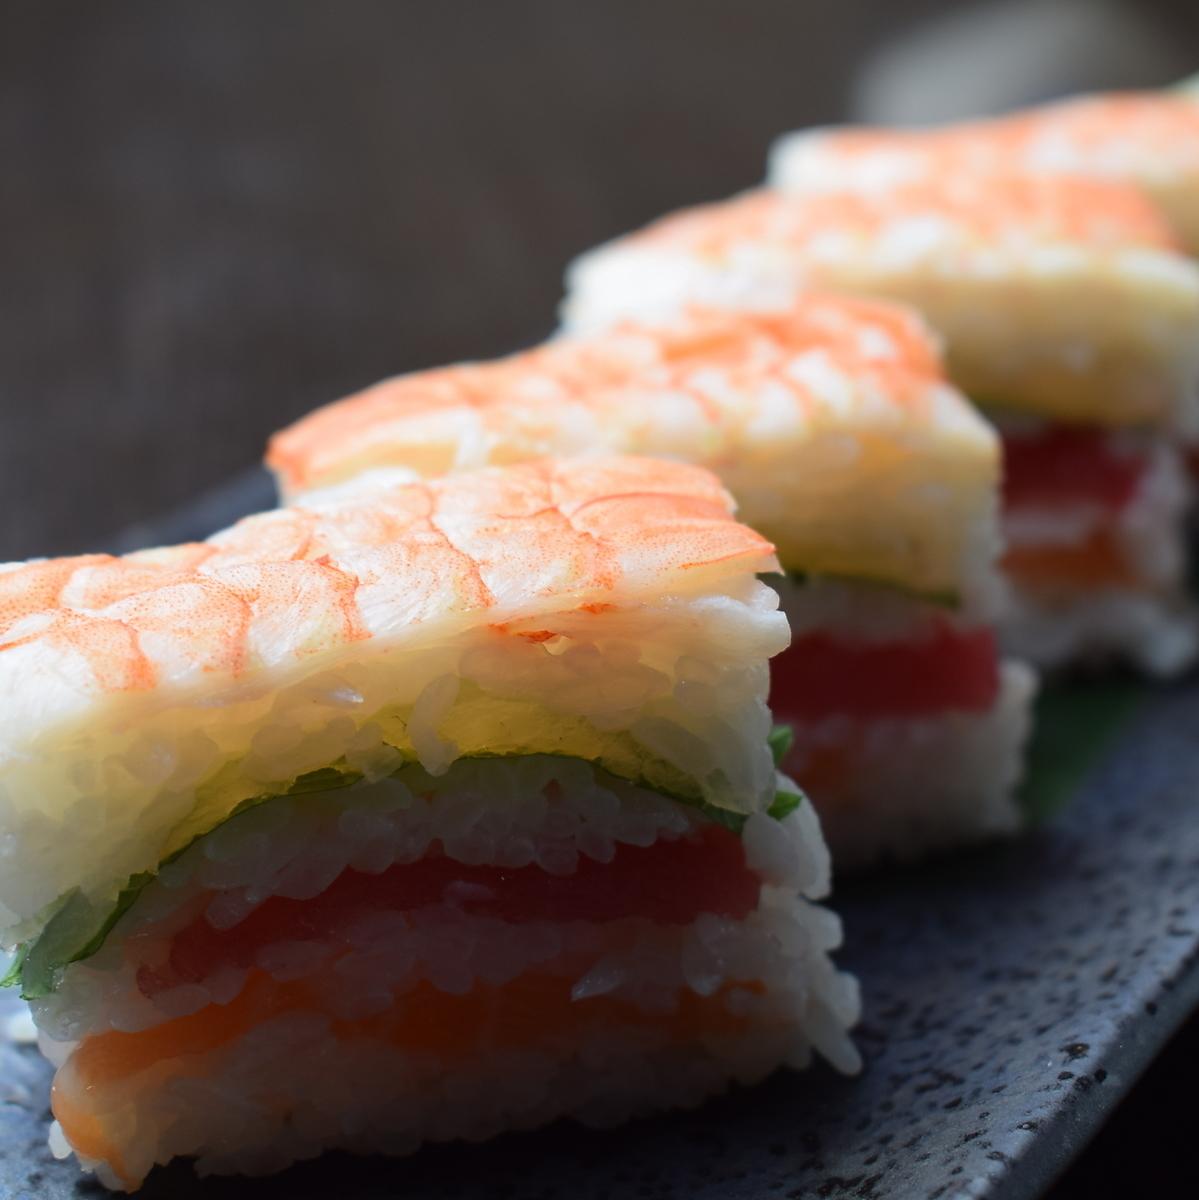 Kitamaki pushed sushi